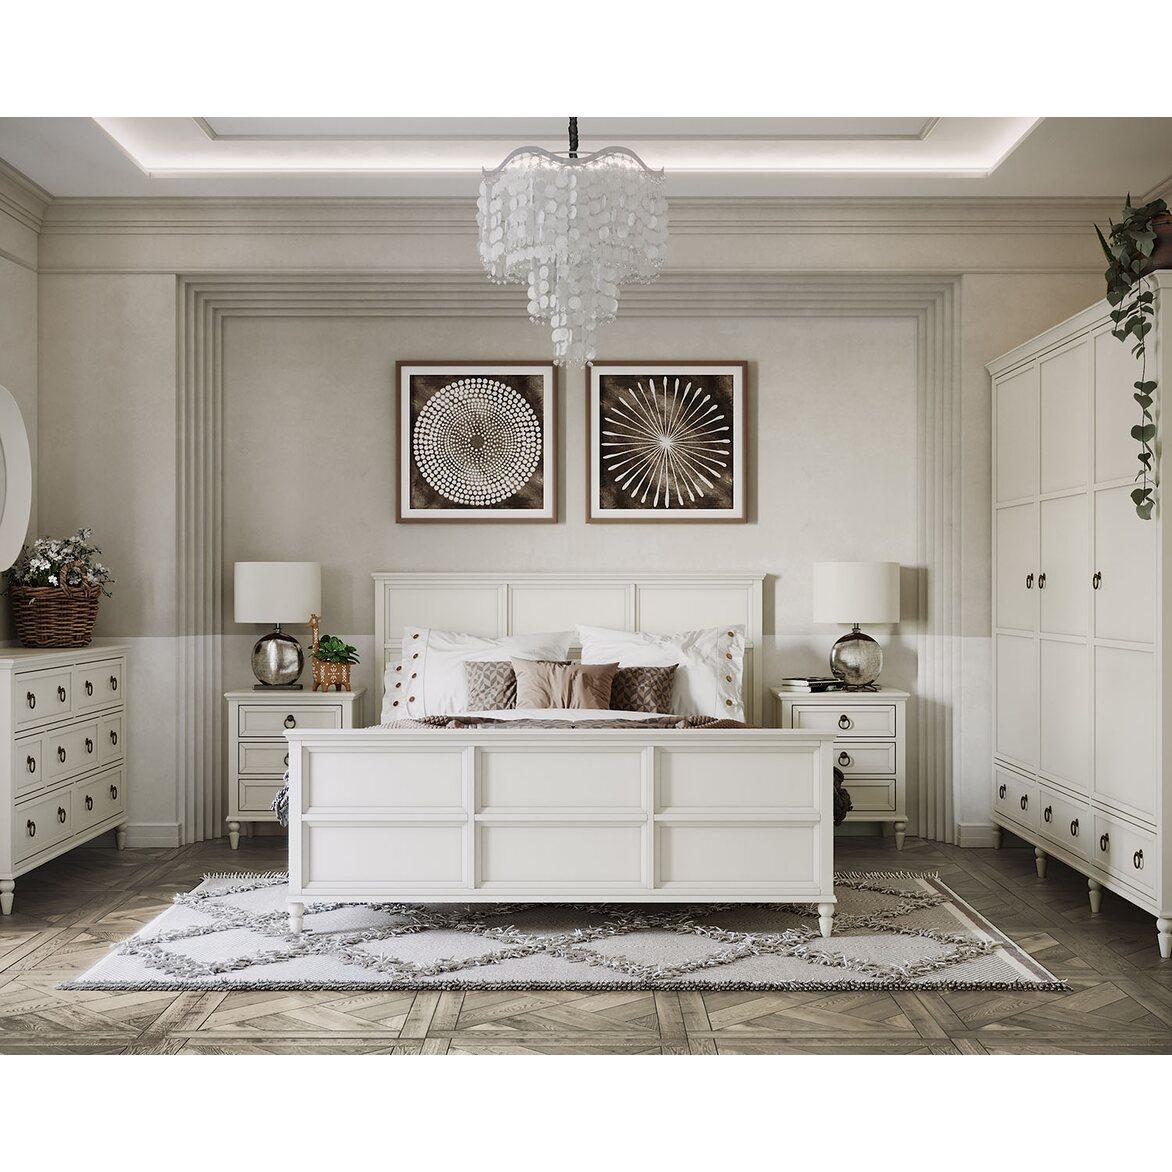 Письменный стол с ящиками Vilton 5 | Письменные столы Kingsby